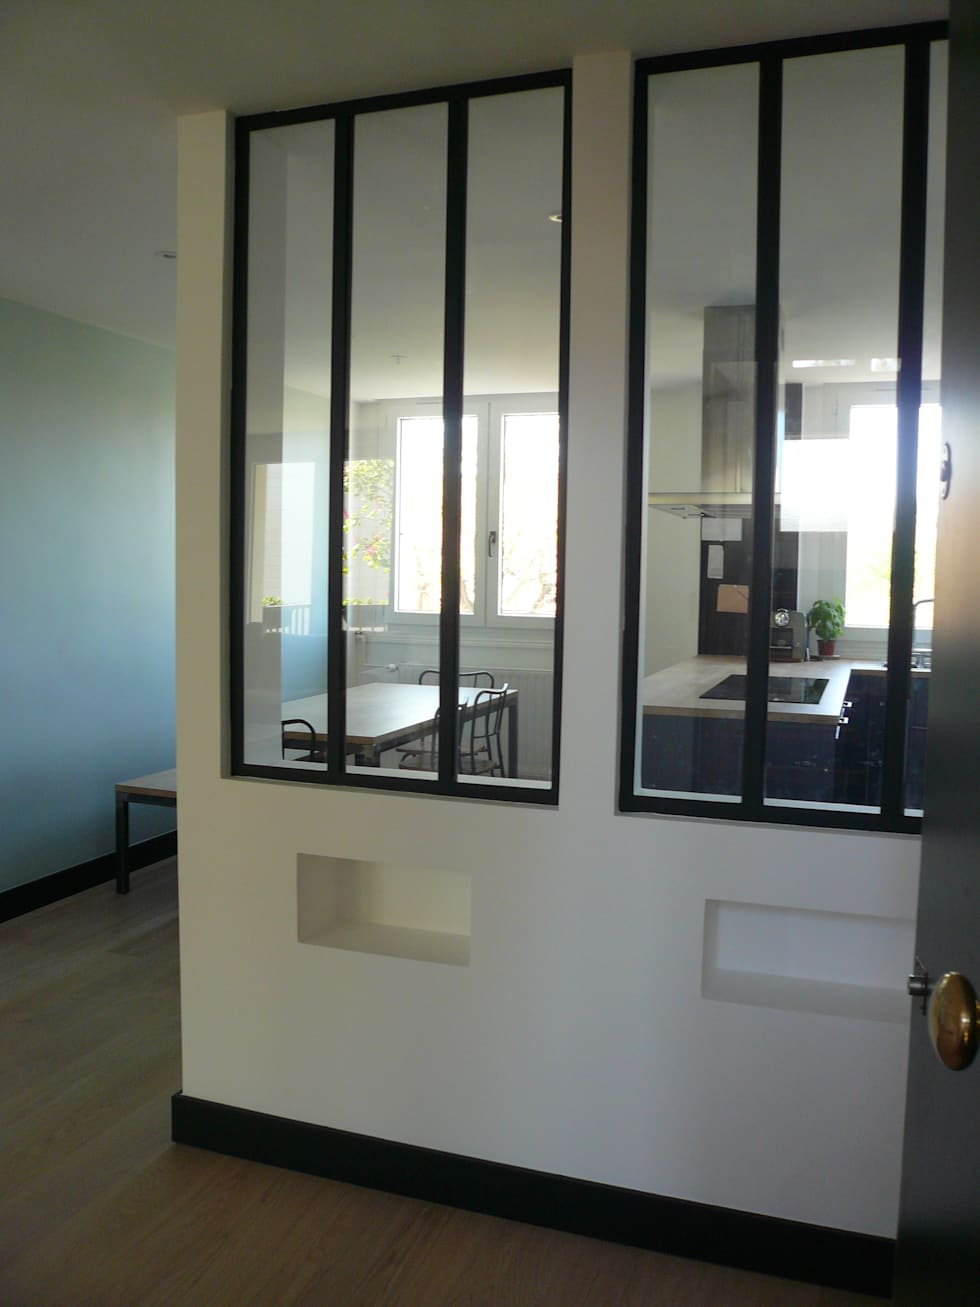 id es de design d 39 int rieur et photos de r novation homify. Black Bedroom Furniture Sets. Home Design Ideas